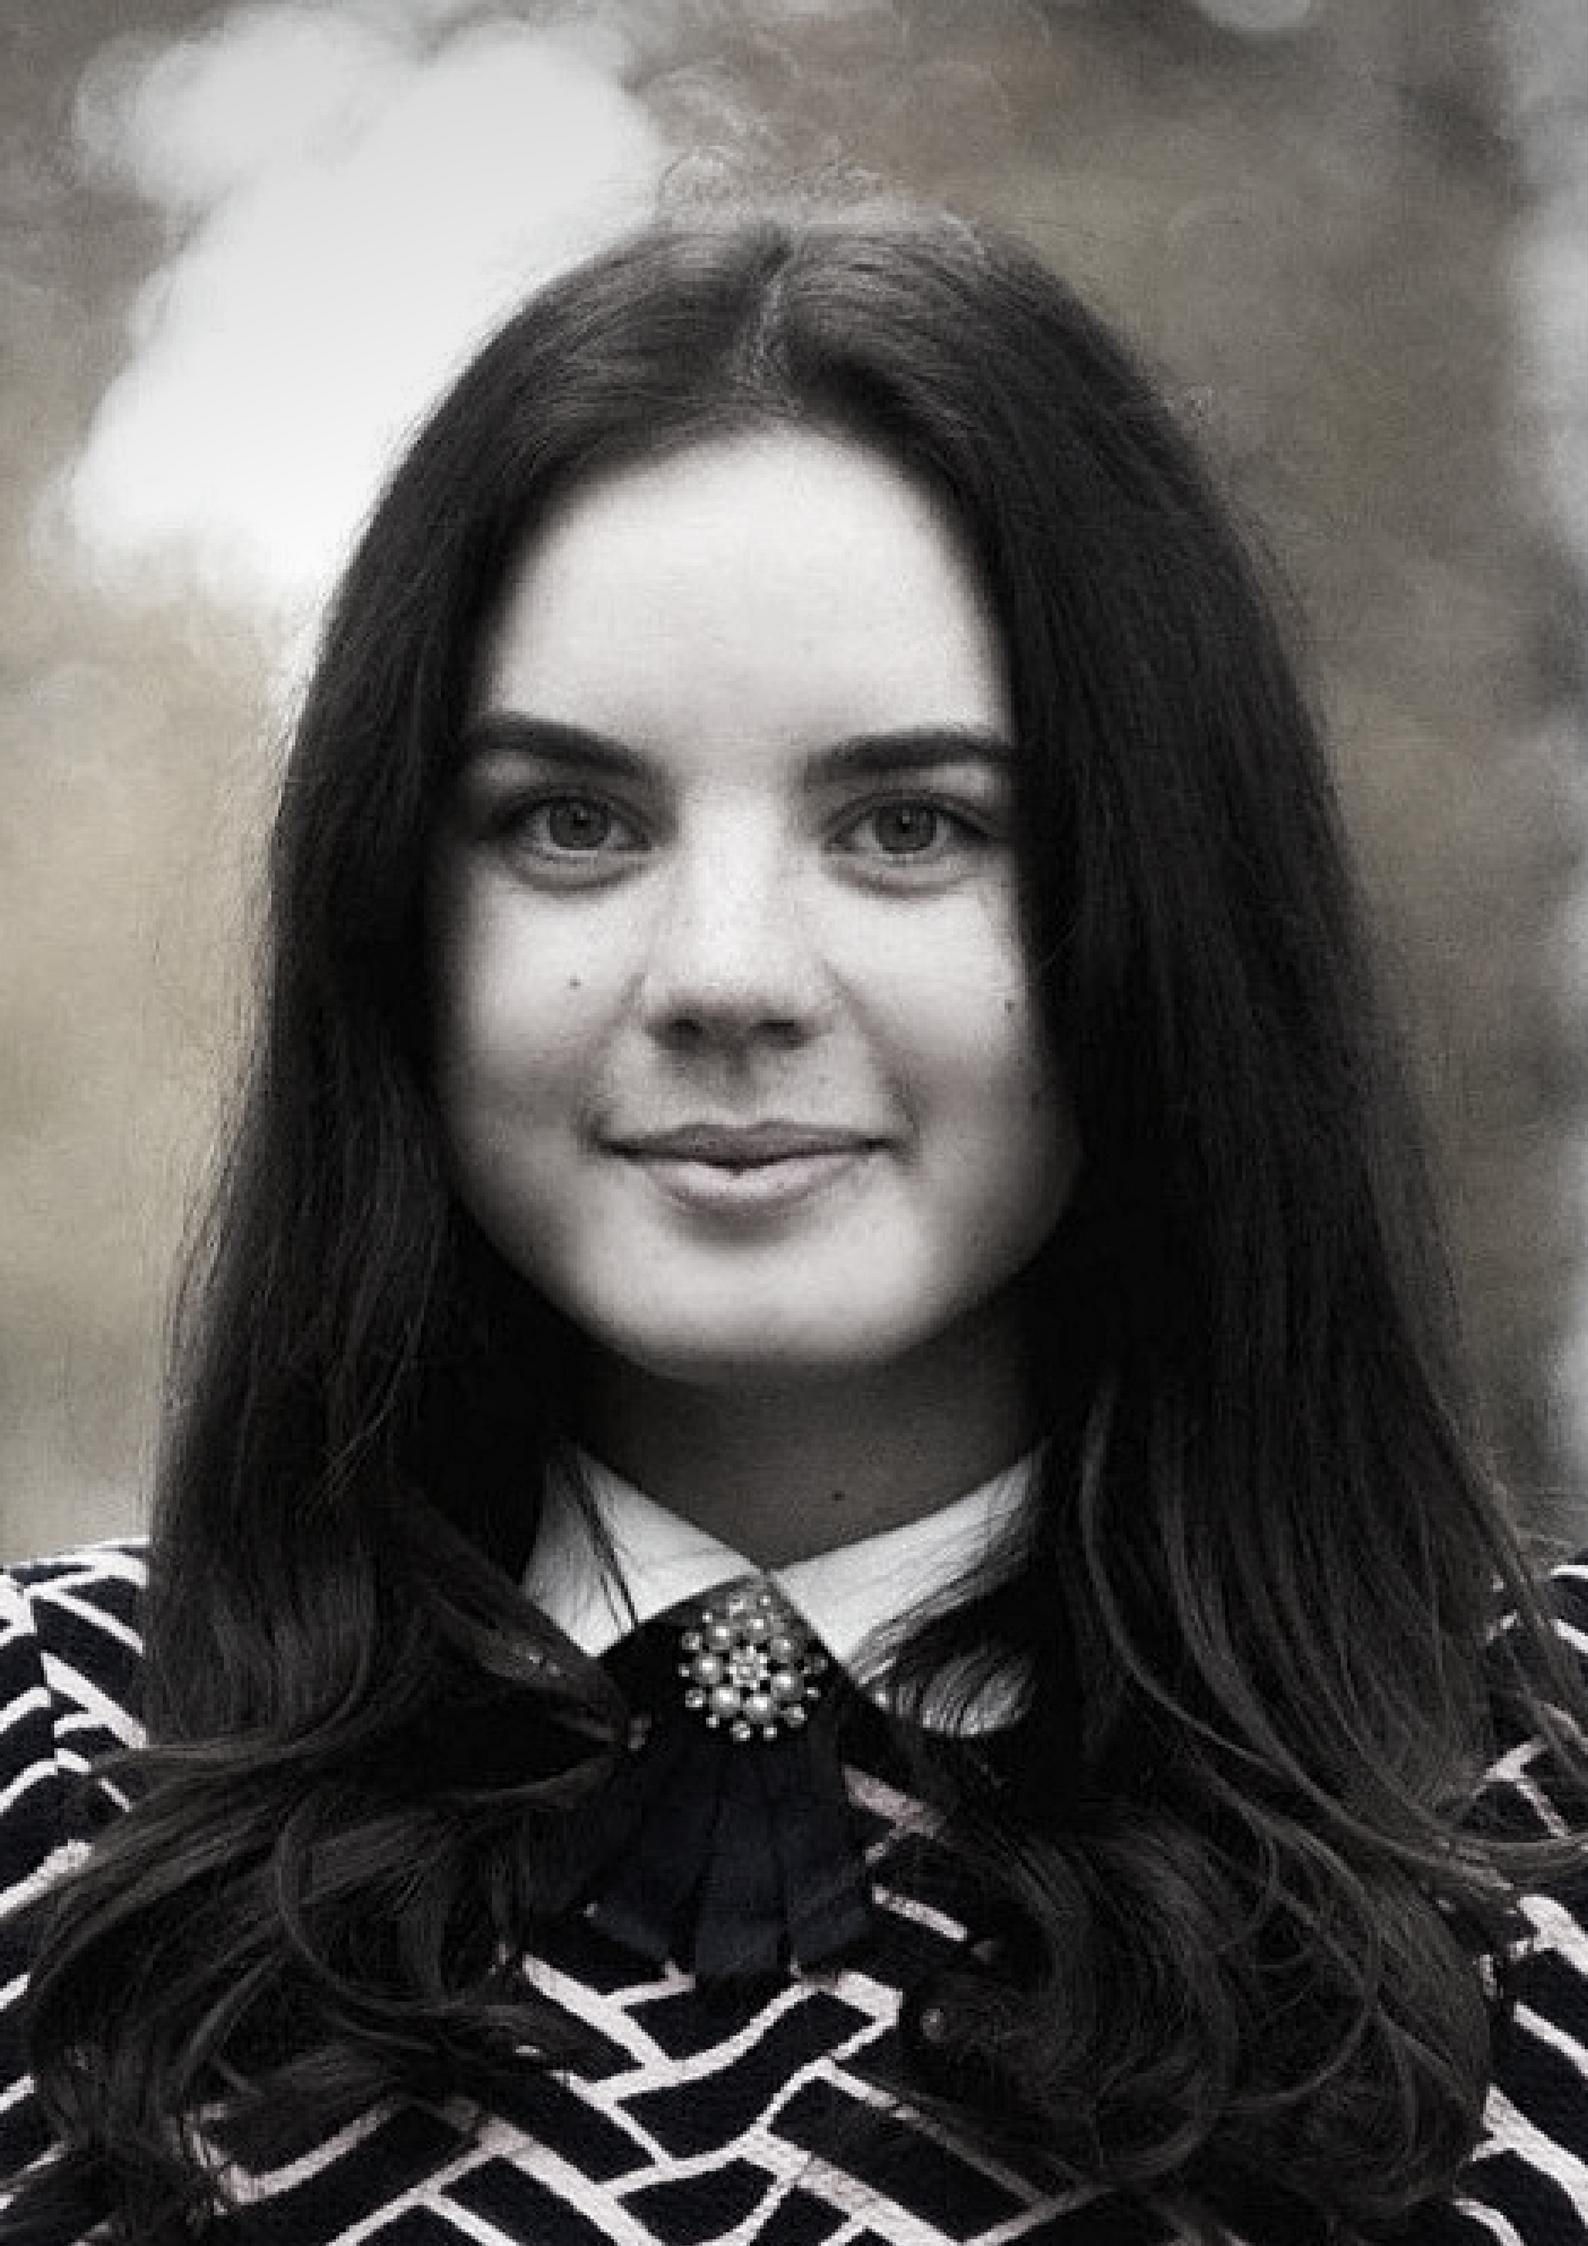 Виктория К., 19 лет